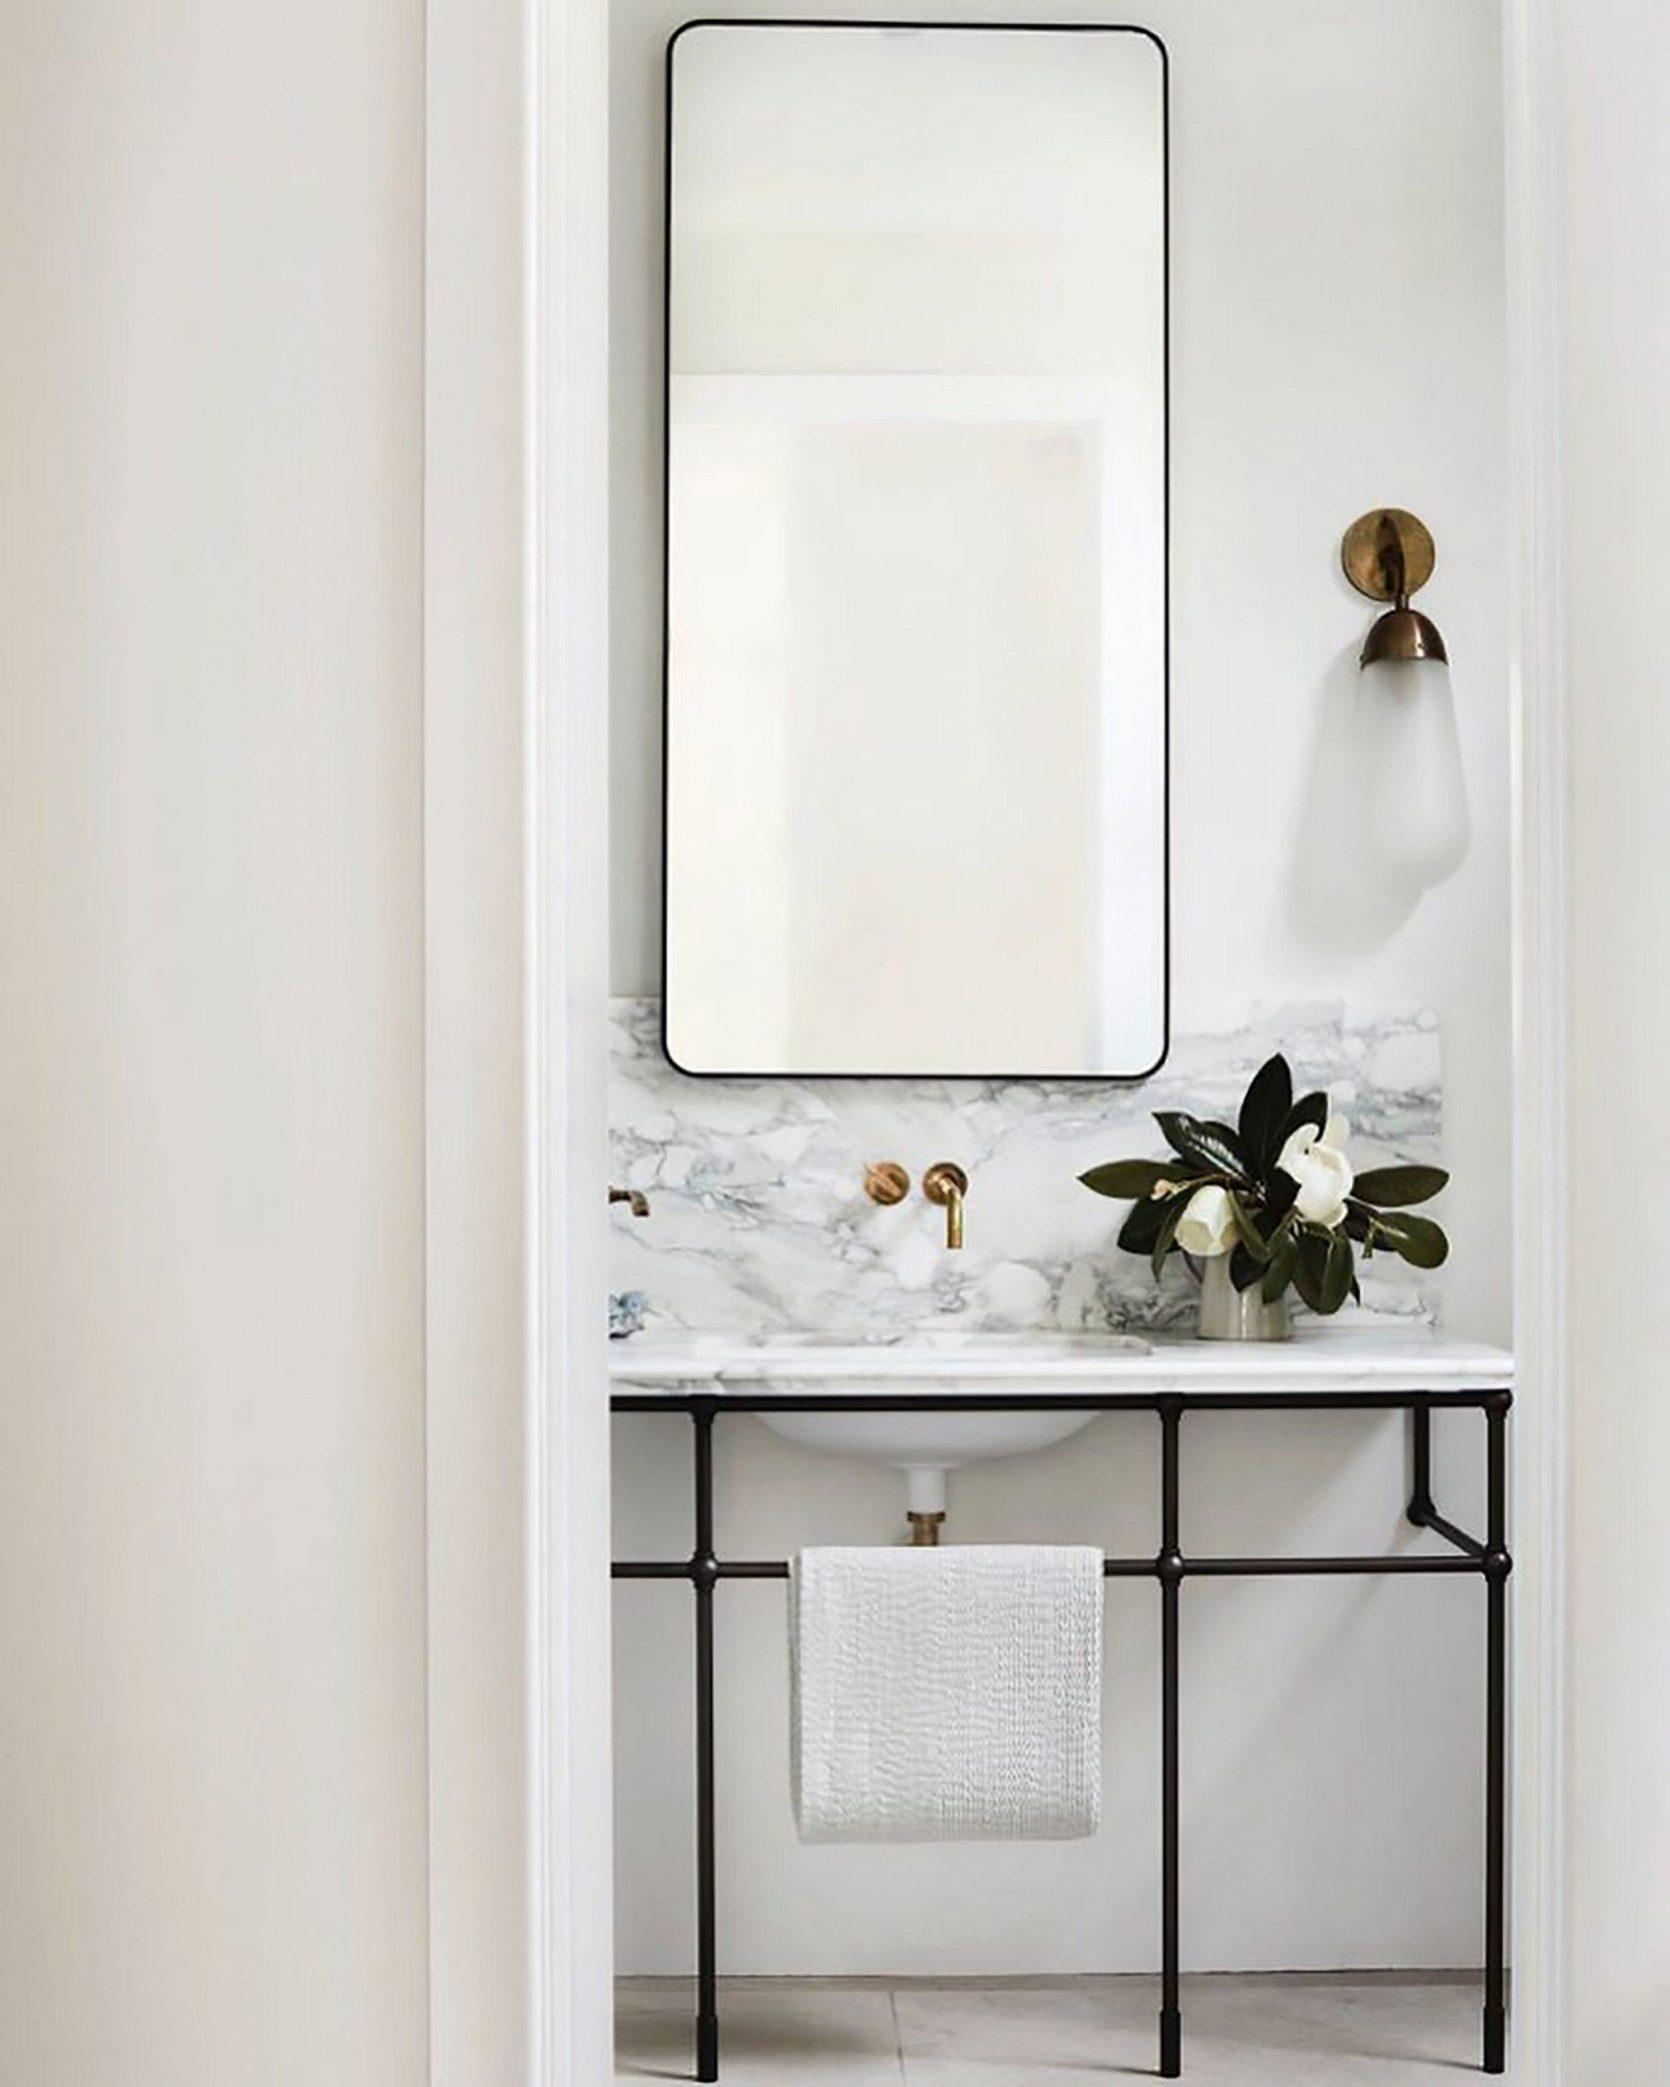 Design by  Decus Interiors